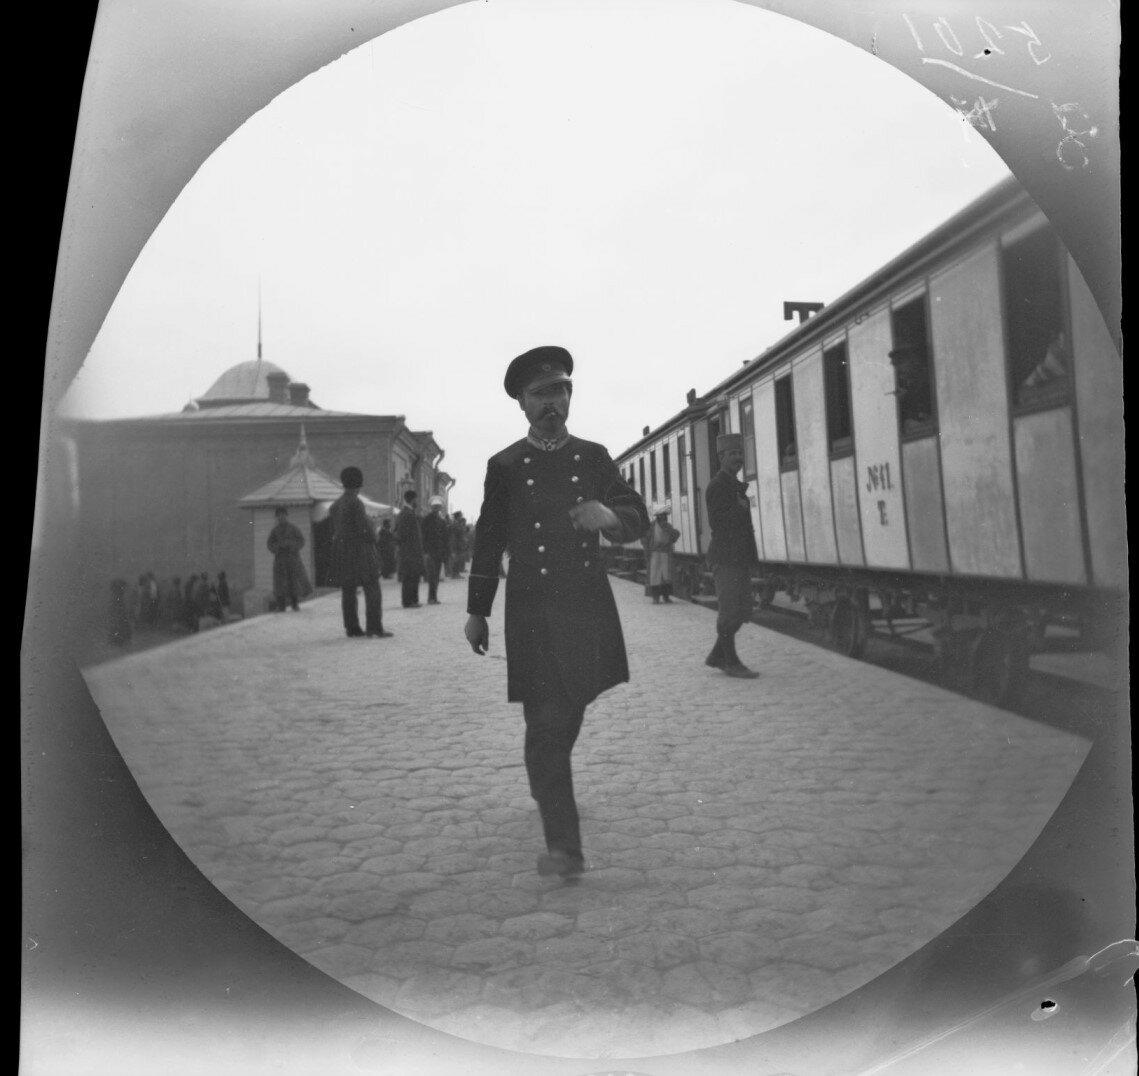 2 ноября. Платформа станции Закаспийской железной дороги. Аллен вспоминает: «Наши российские друзья убедили нас, воспользоваться железной дорогой, а не рисковать путешествуя по пугающим пескам Кара-Кум»